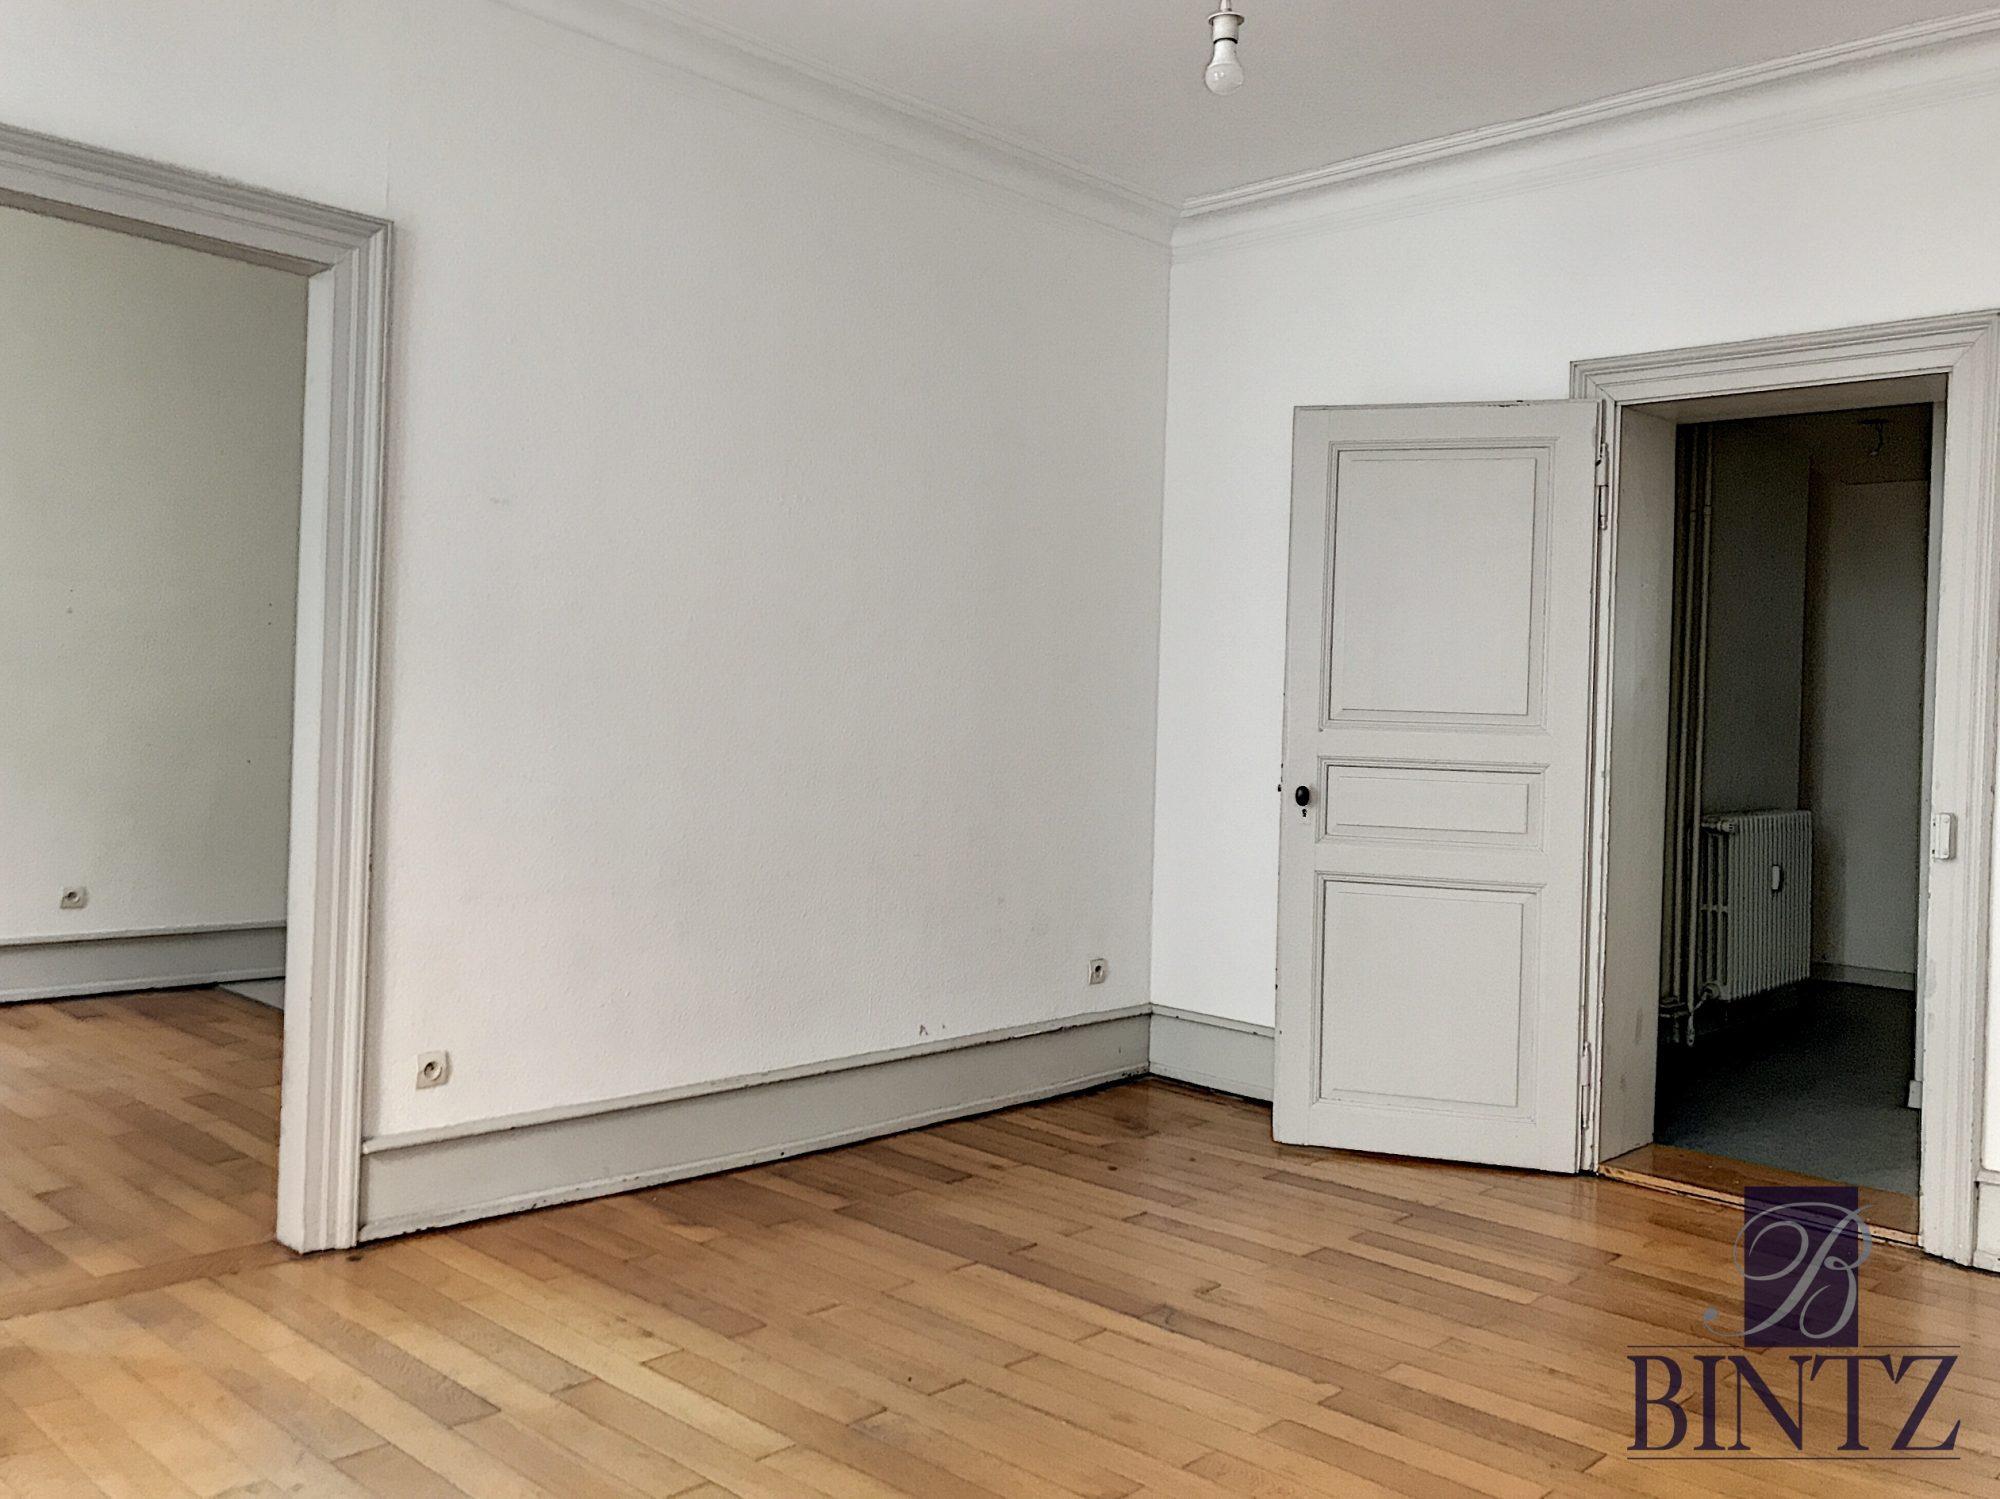 5 pièces entre Gare et Grande Ile - Devenez propriétaire en toute confiance - Bintz Immobilier - 3